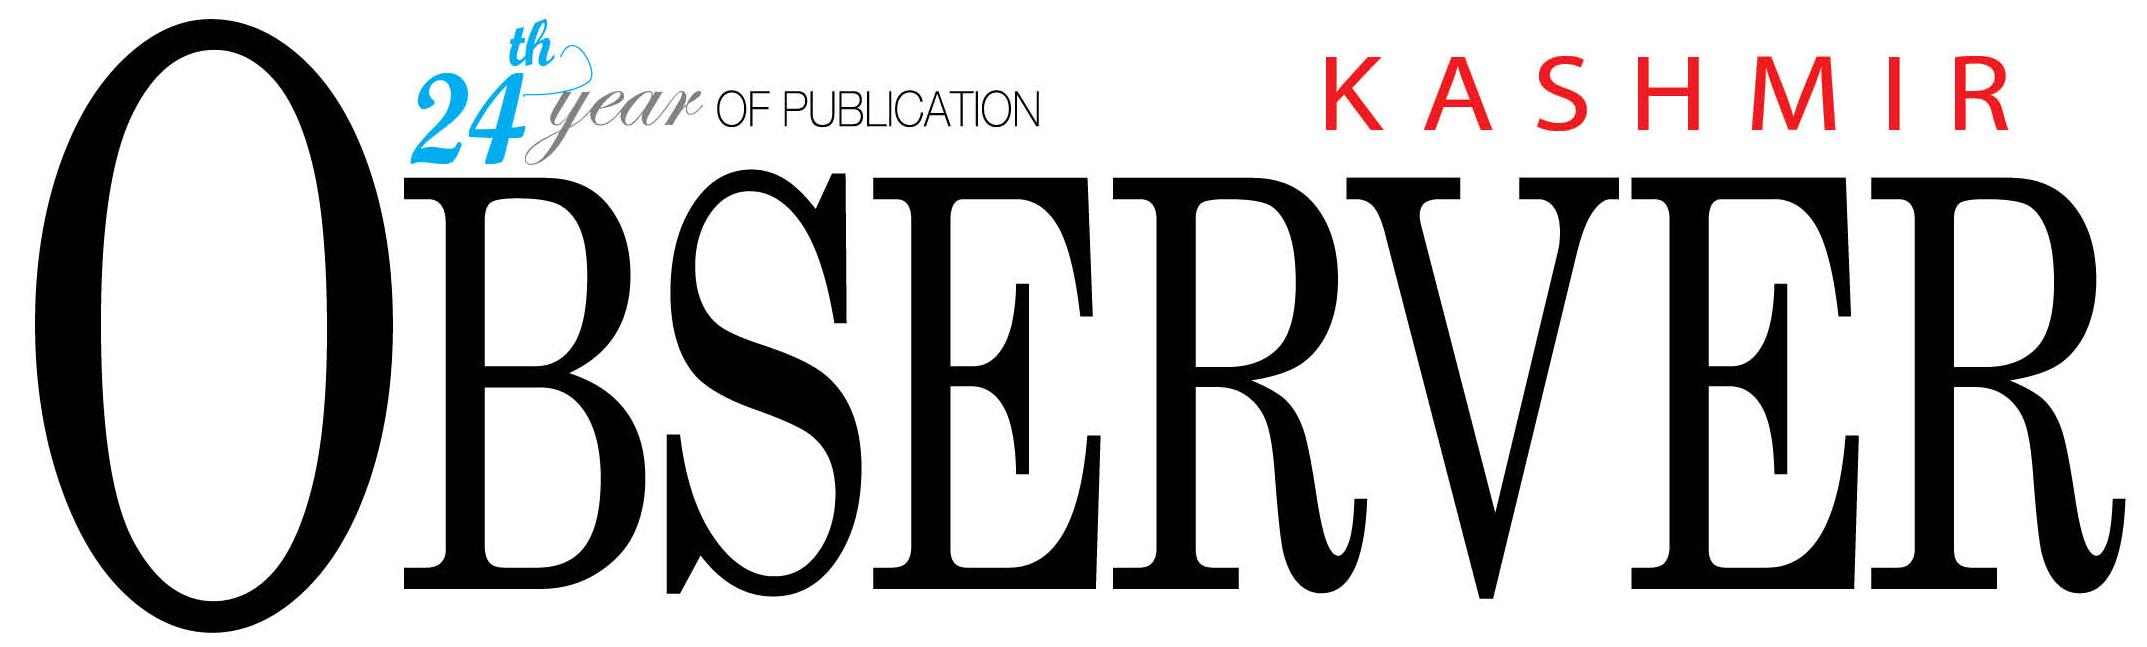 Kashmir Observer | Kashmir Latest News